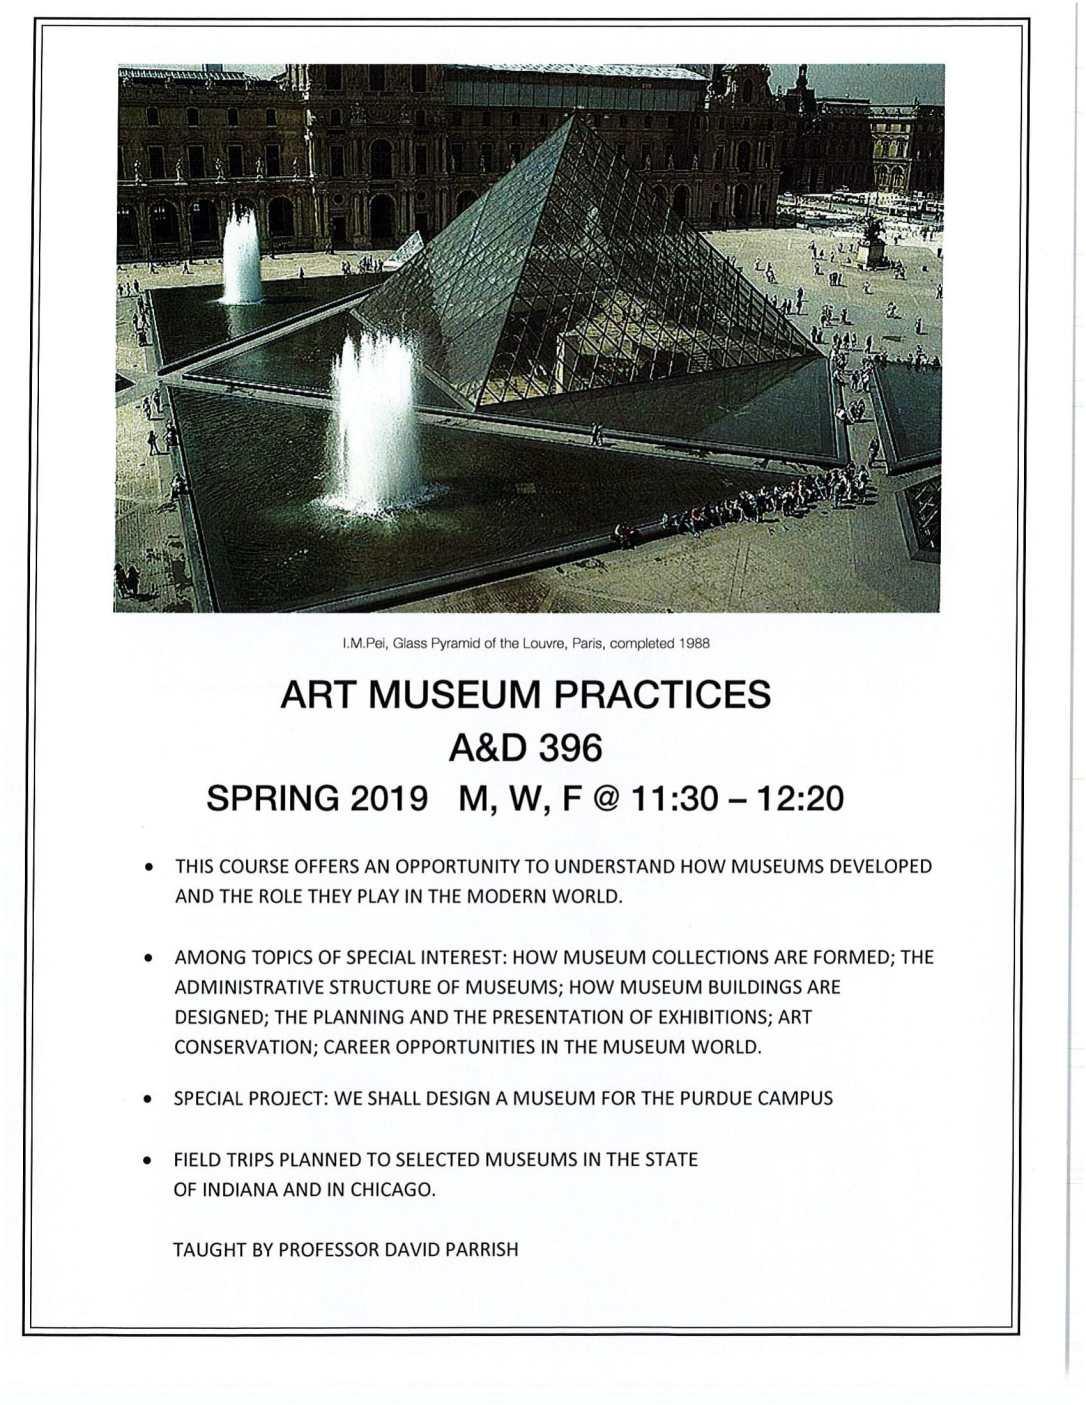 AD 396 Art Museum Practices-1